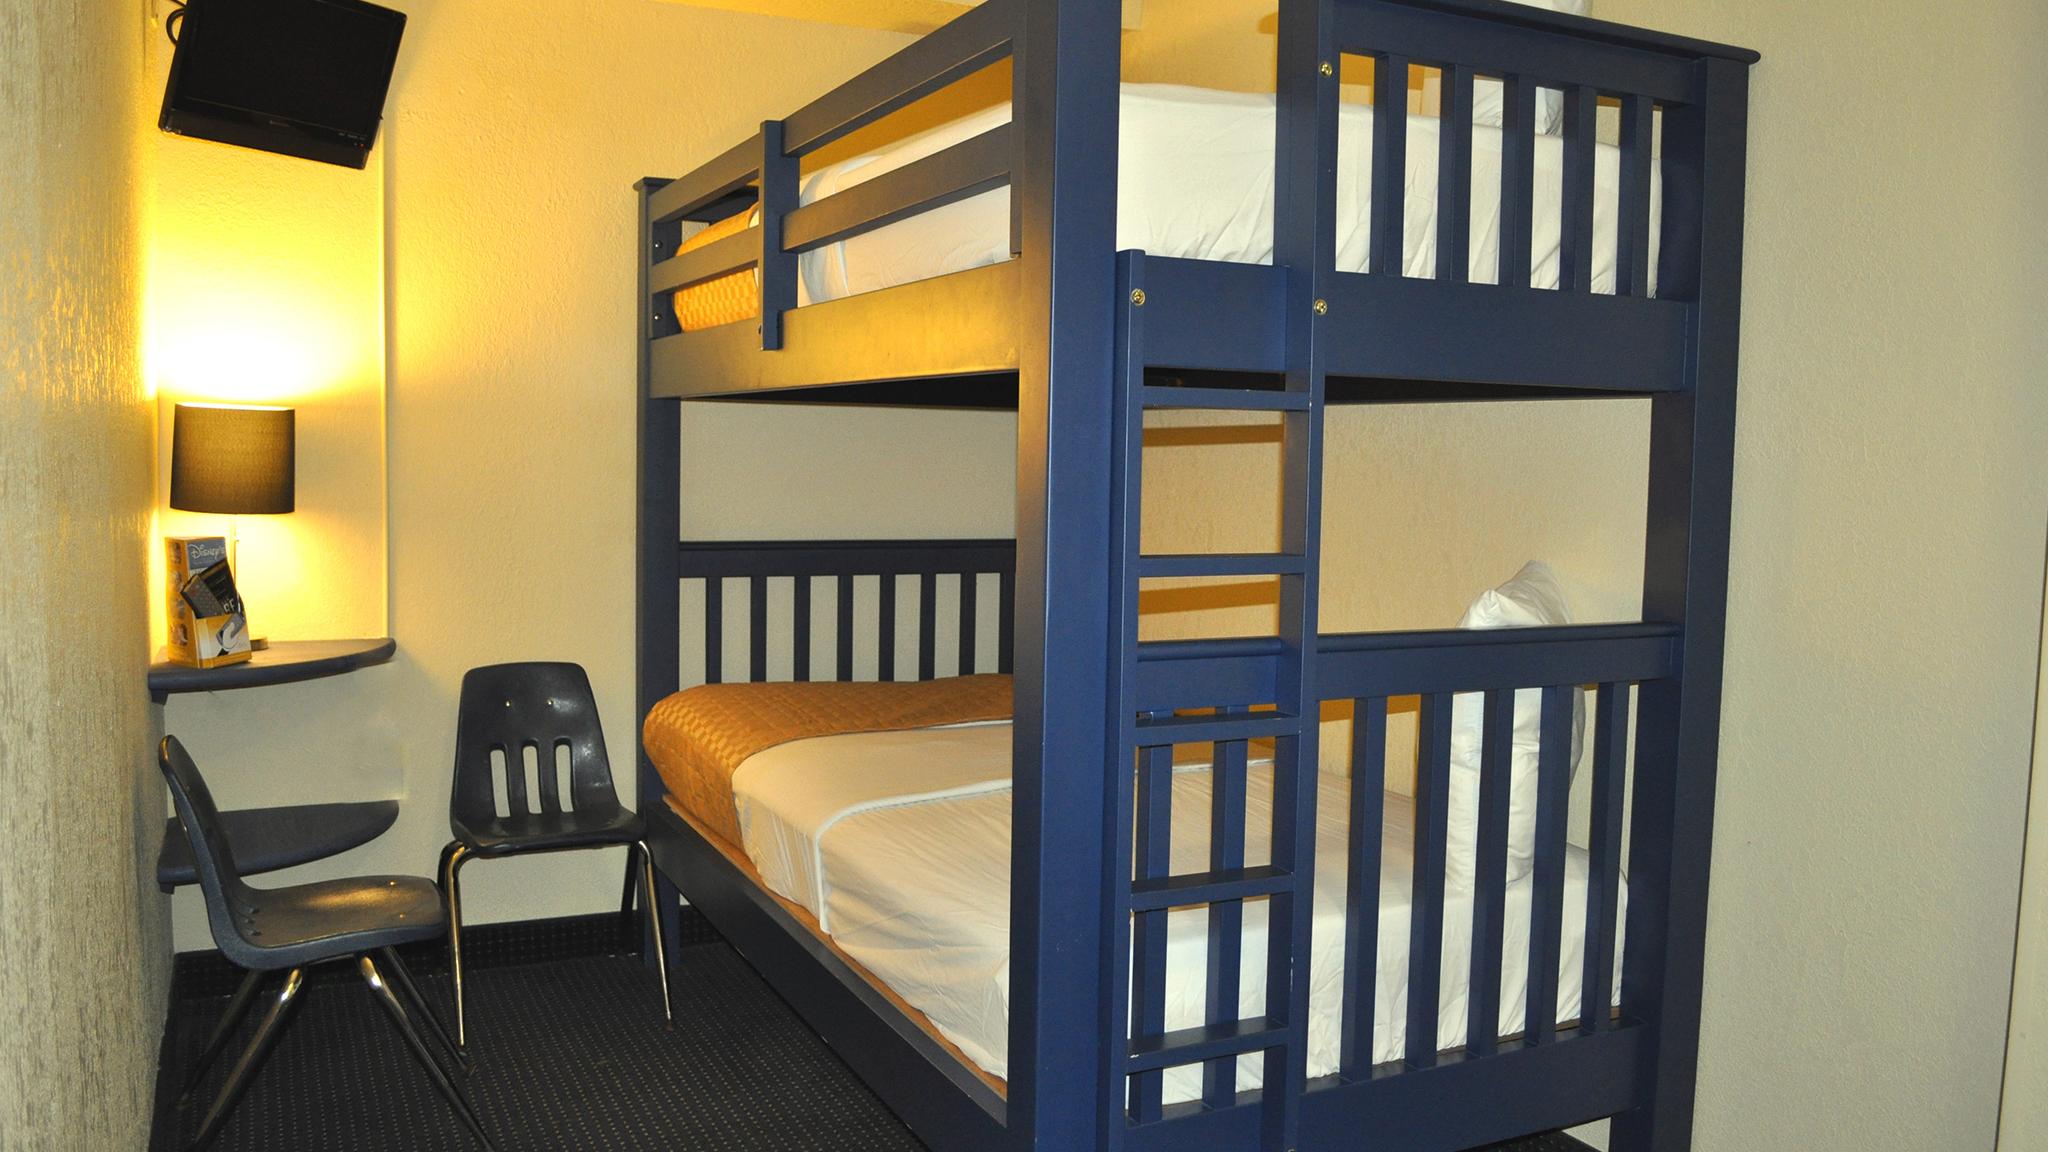 Comfort inn maingate for Comfort inn mattress brand